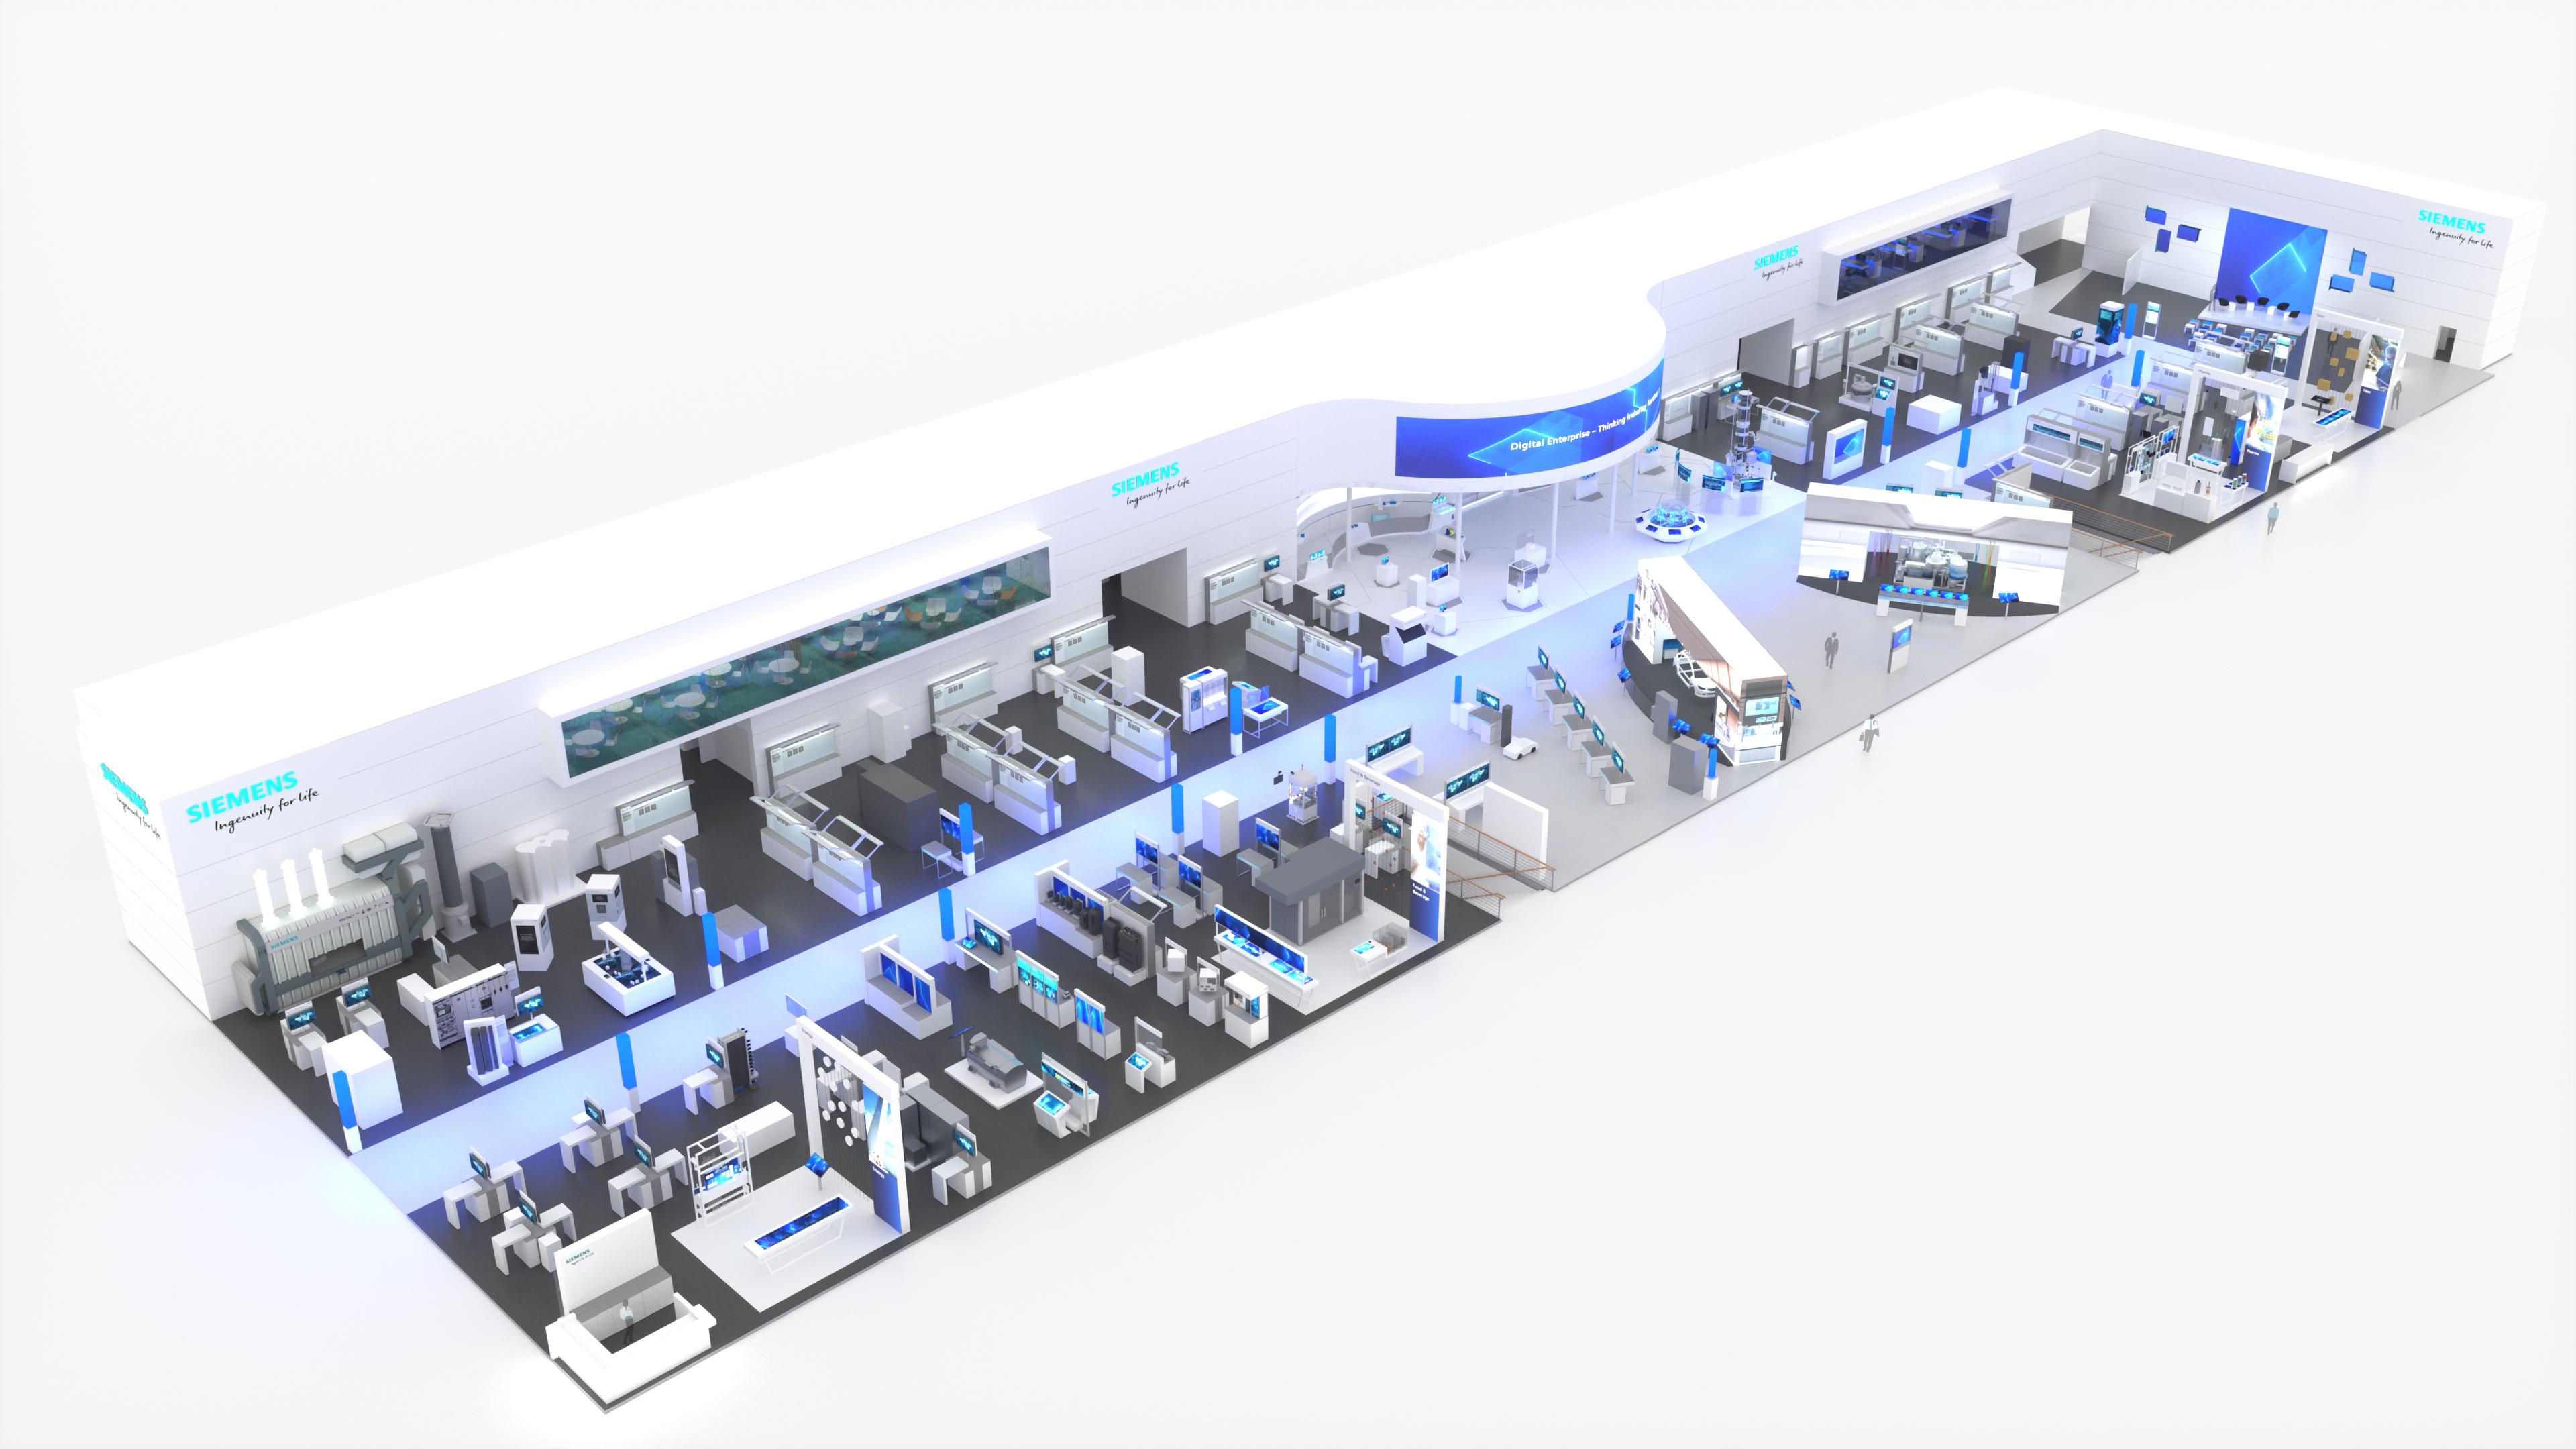 Siemens presentará un completo portfolio de soluciones pensadas para empresas de todos los tamaños y sectores (Siemens)